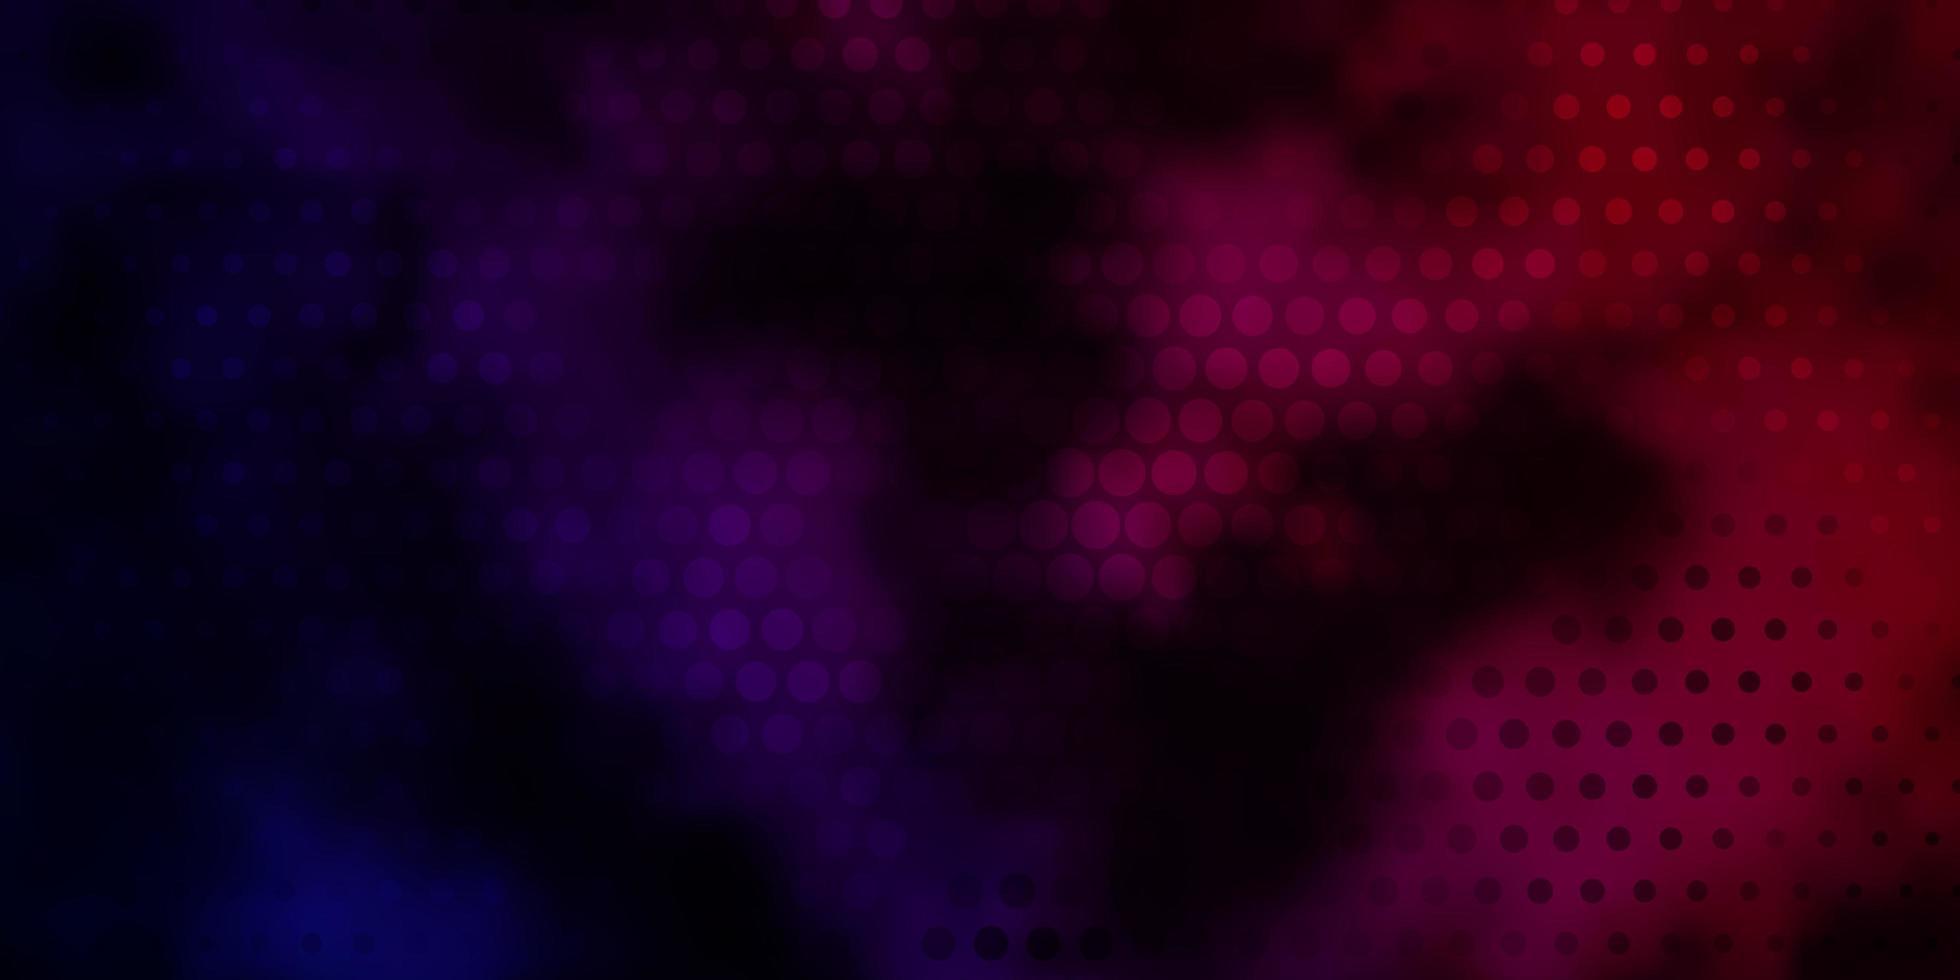 mörk lila, rosa vektormönster med cirklar. vektor